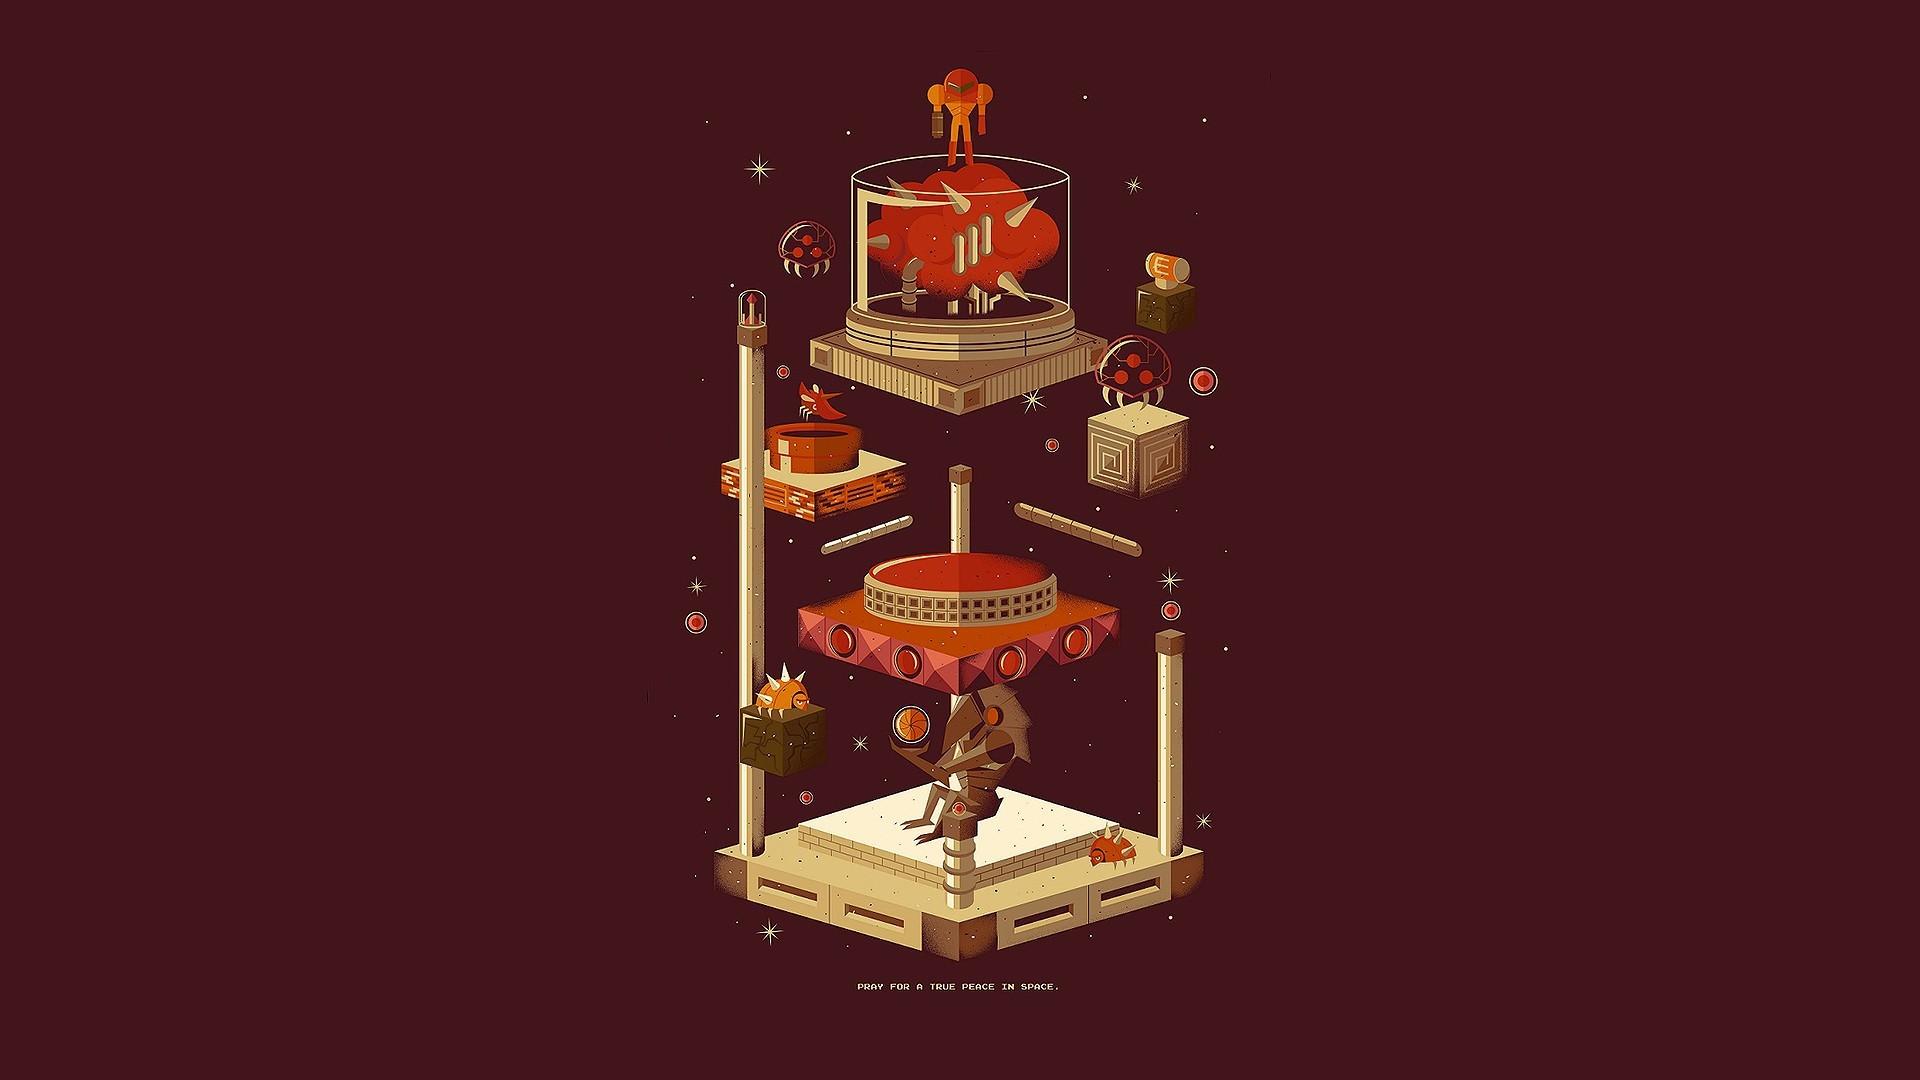 Video Game – Metroid Samus Aran Wallpaper